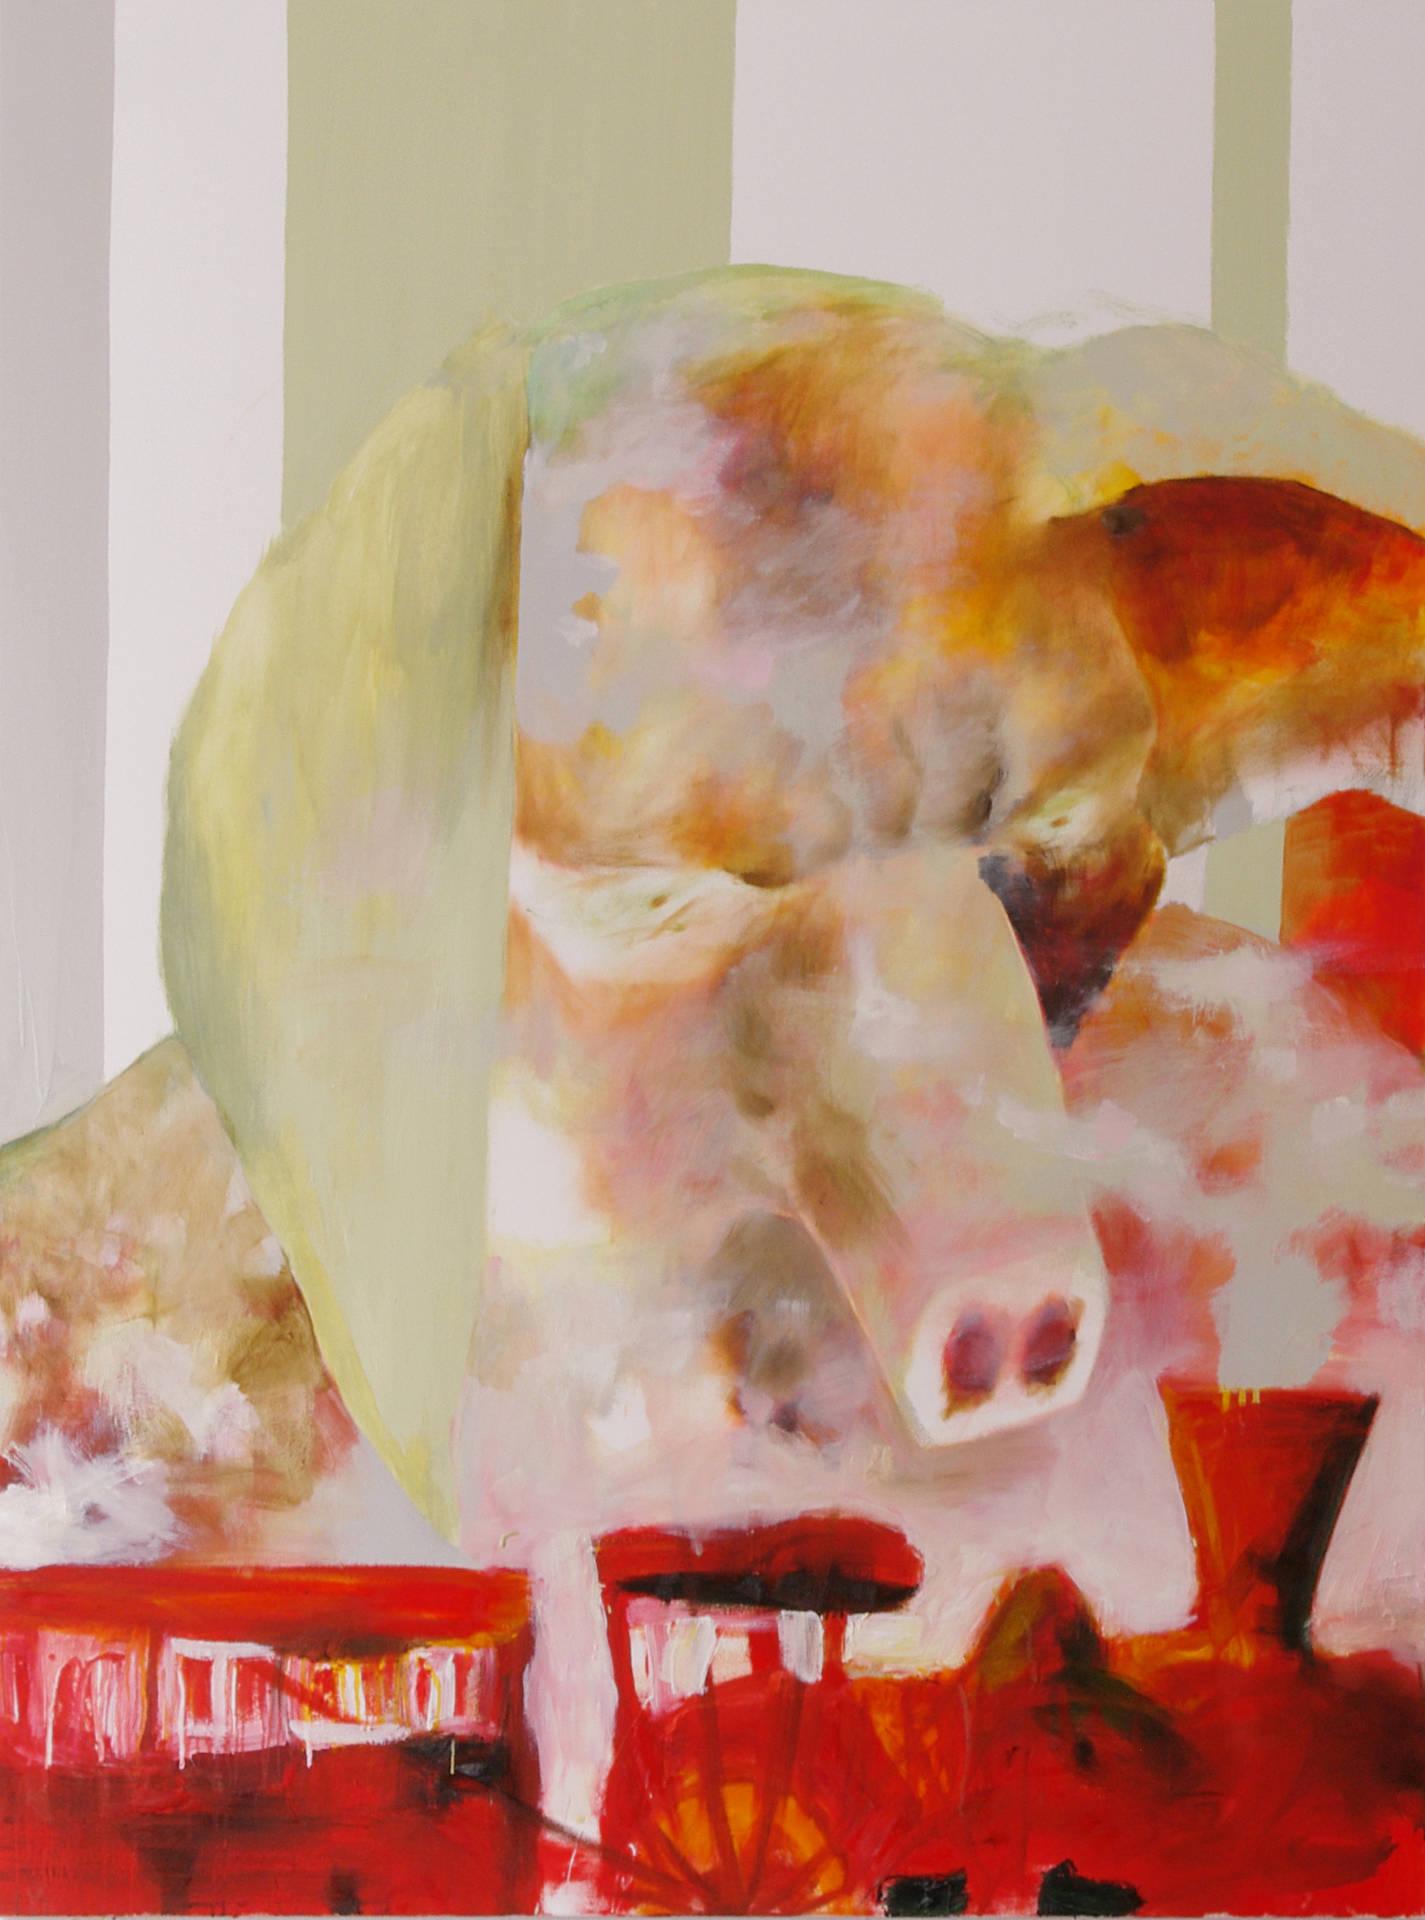 Schwein mit Modelleisenbahn (pig with model train) by Jonas Hofrichter, 2013. 200 x 150 cm